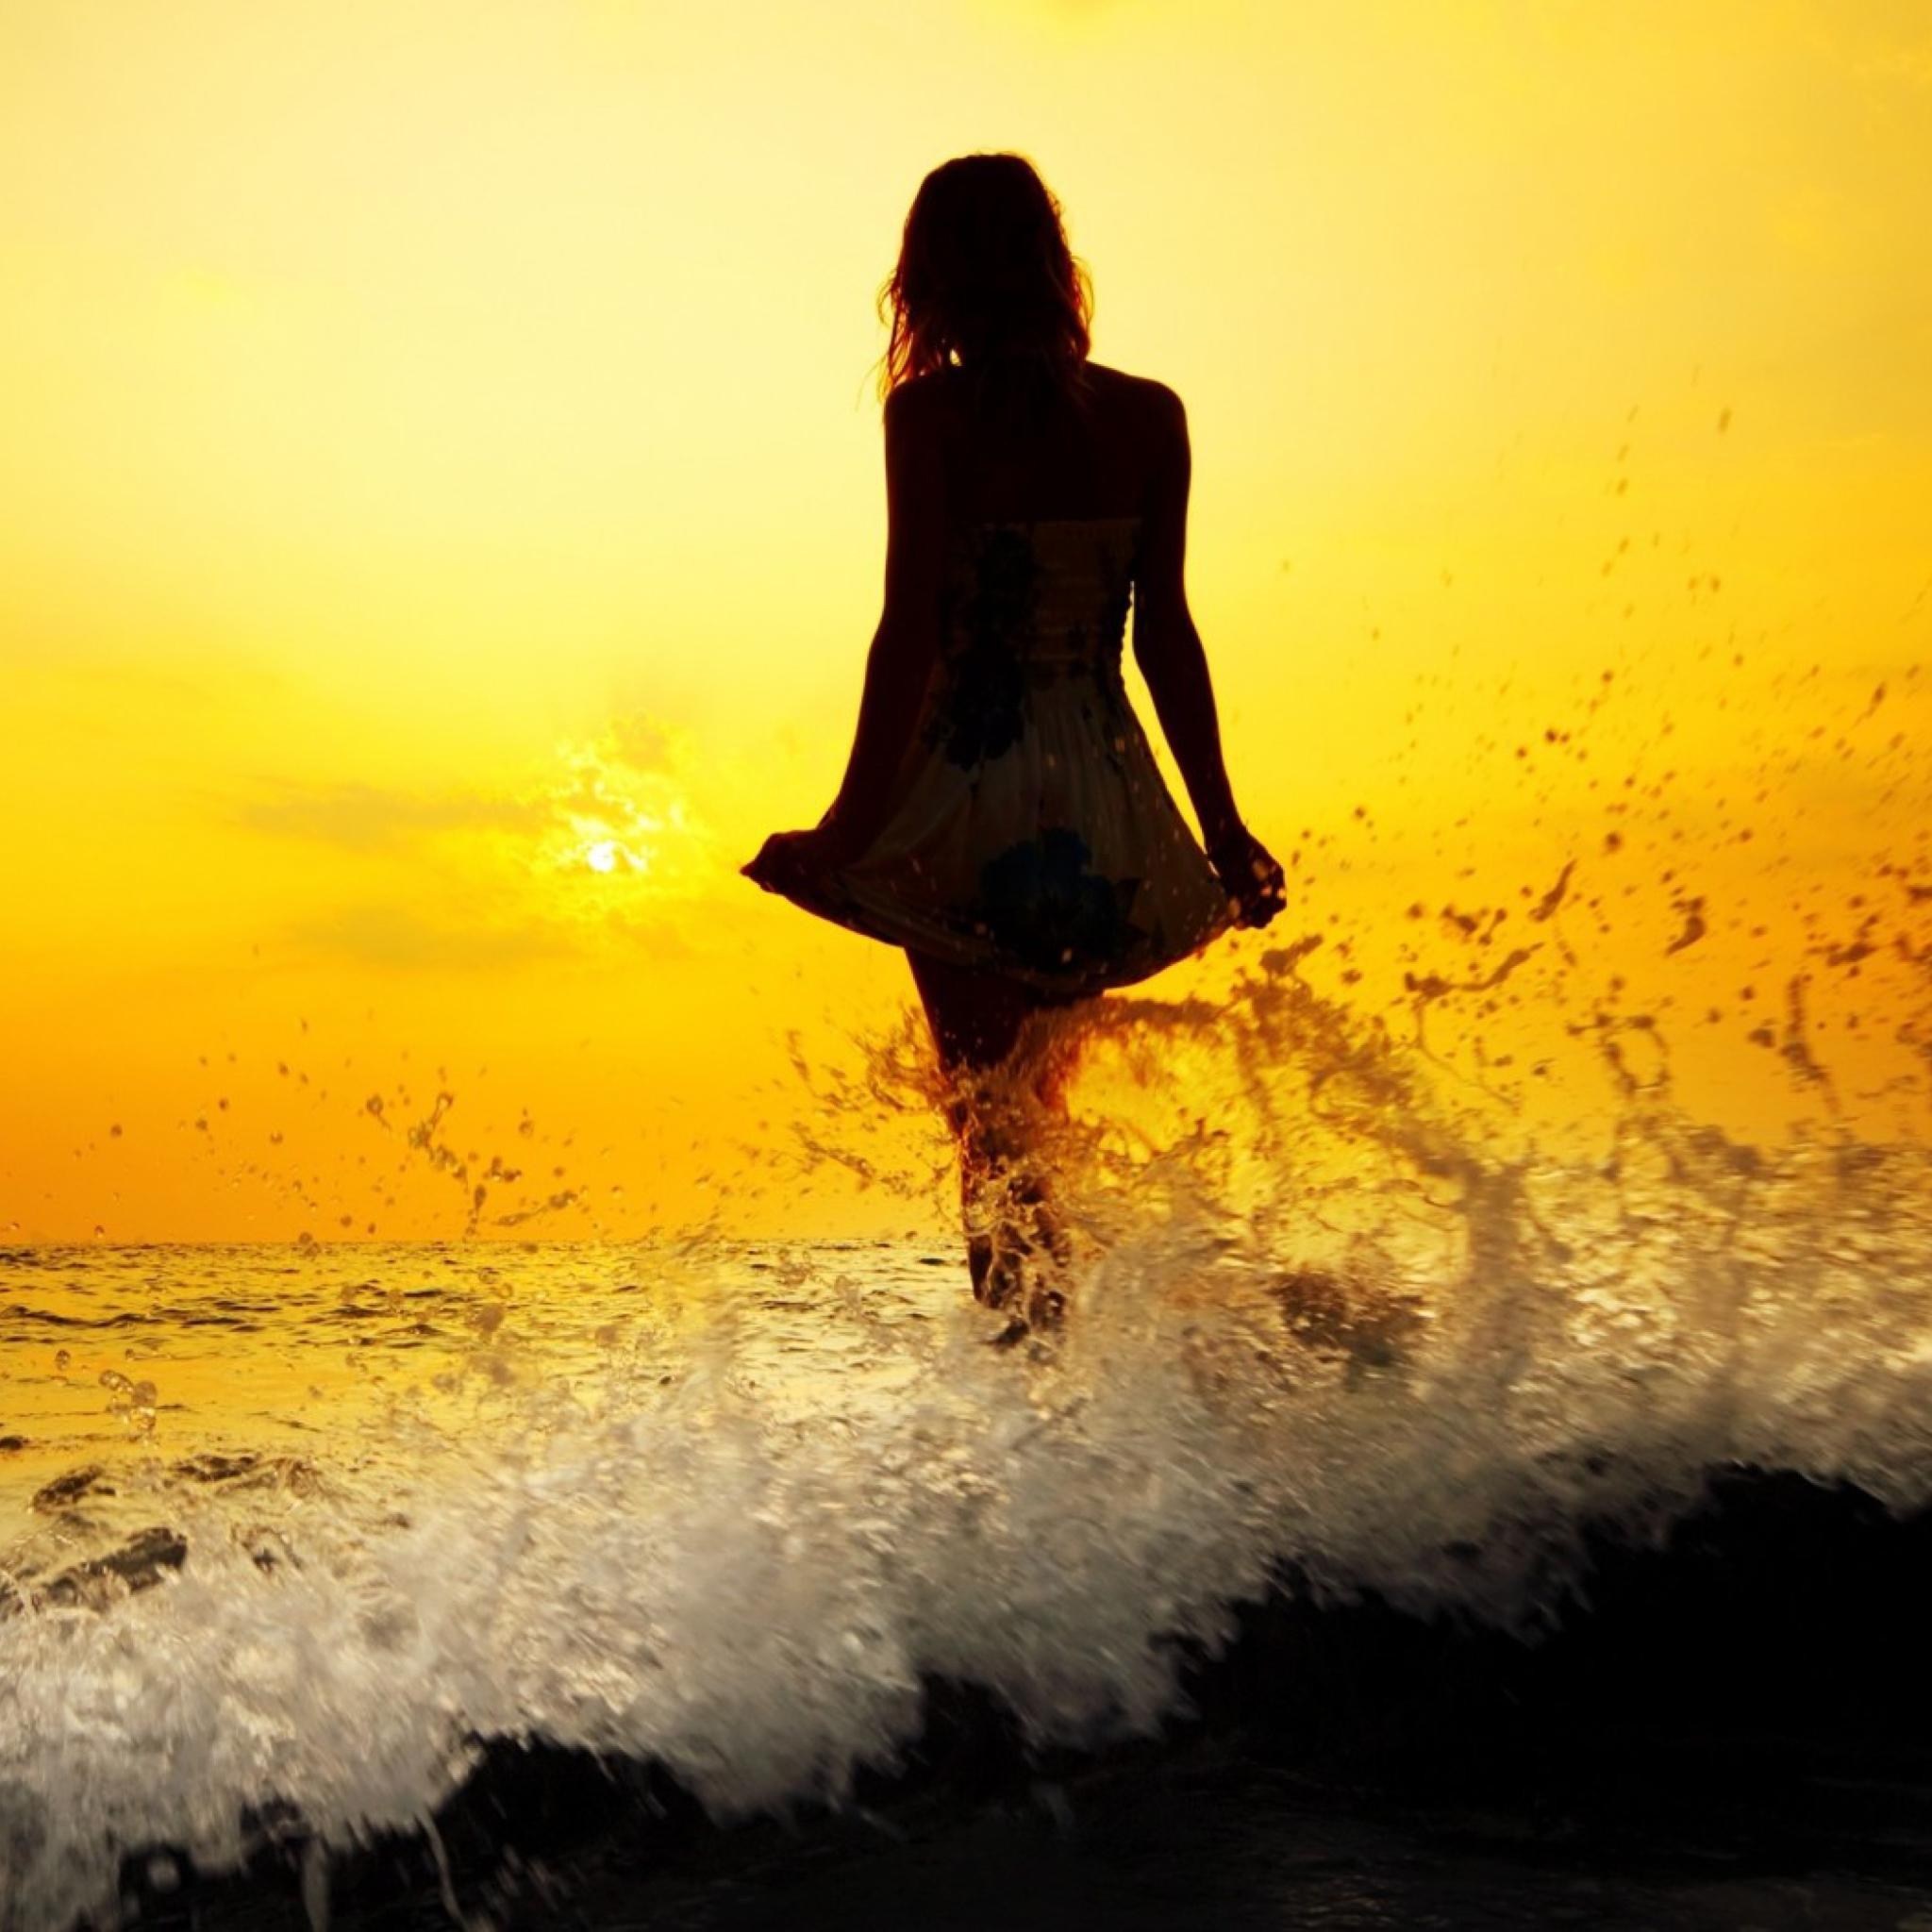 Красивые снимки голой девушки на закате солнца у реки  72740